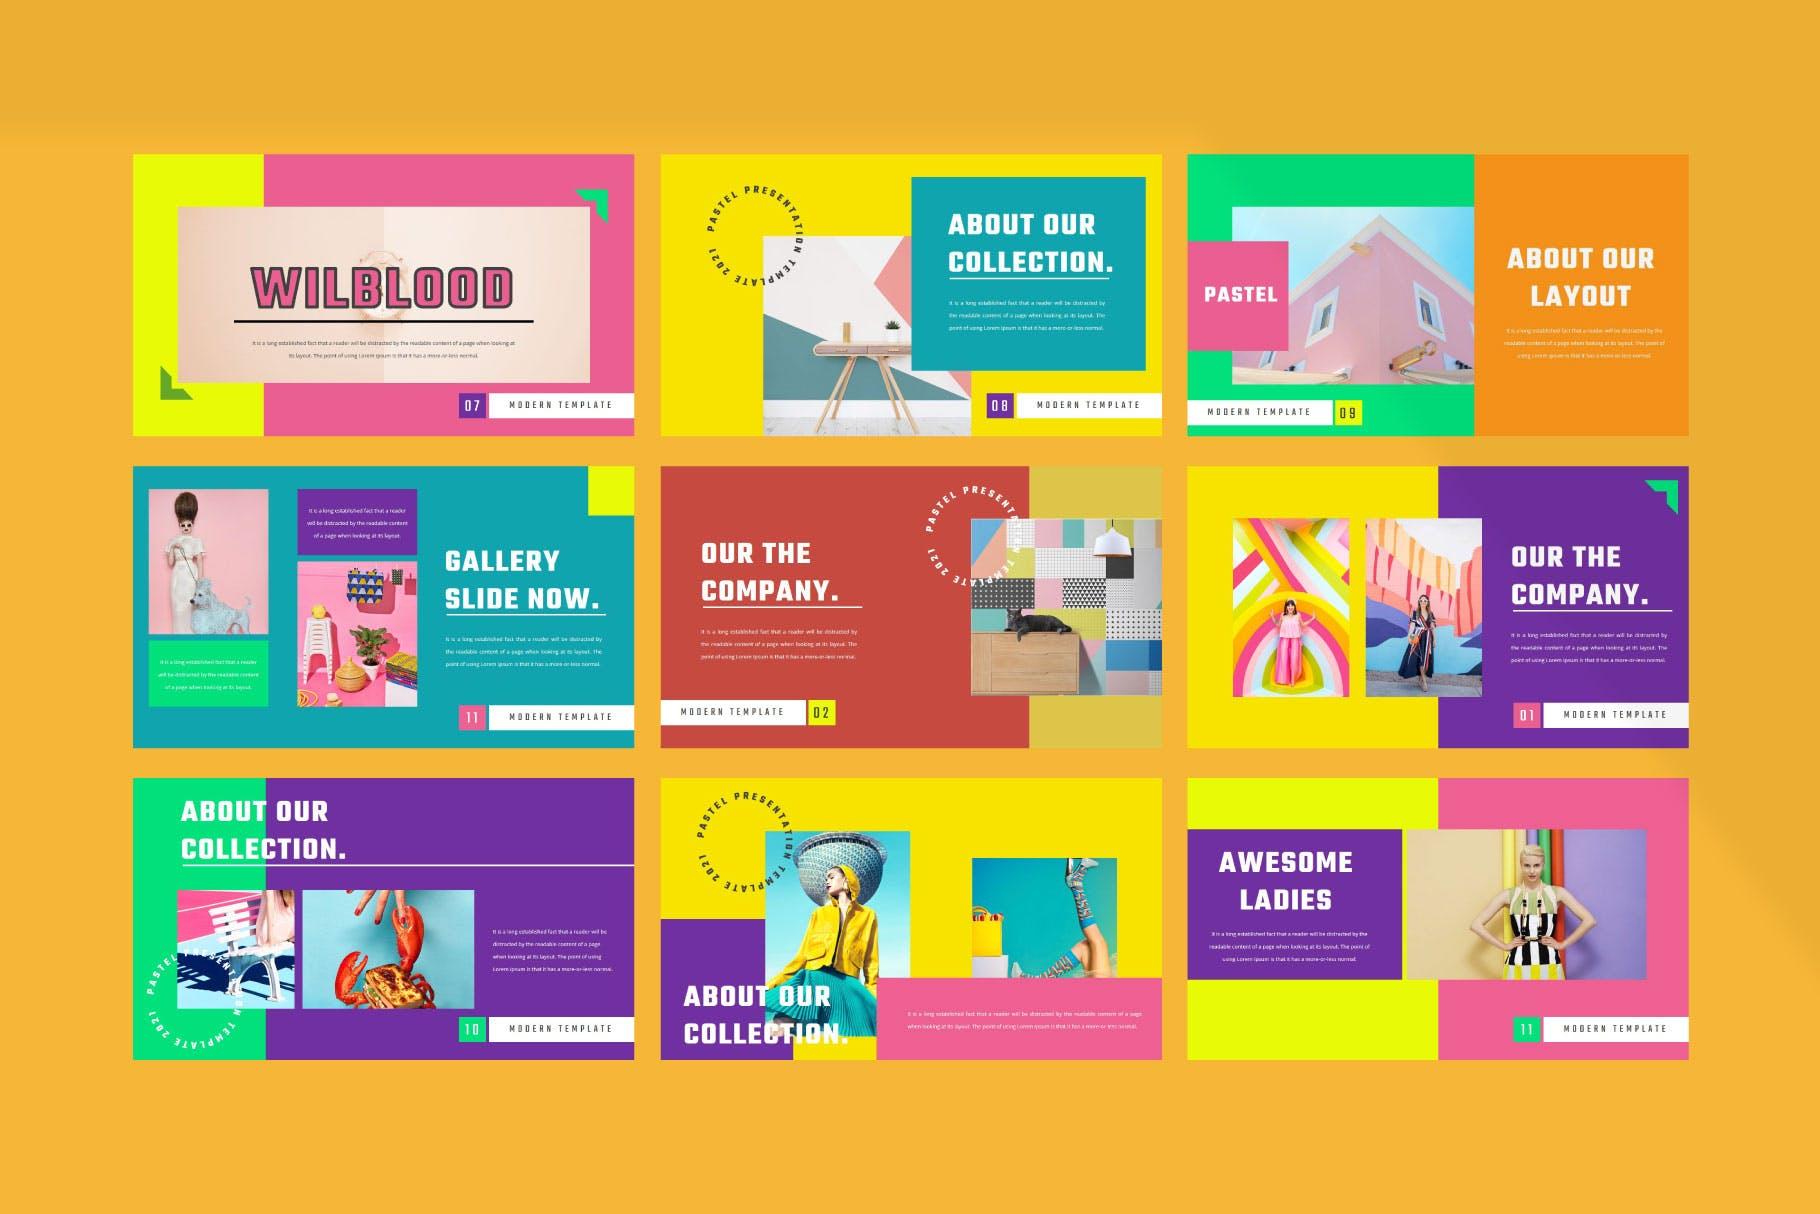 时尚炫彩服装策划提案简报作品集设计模版 WILBLOOD – Keynote Template插图5